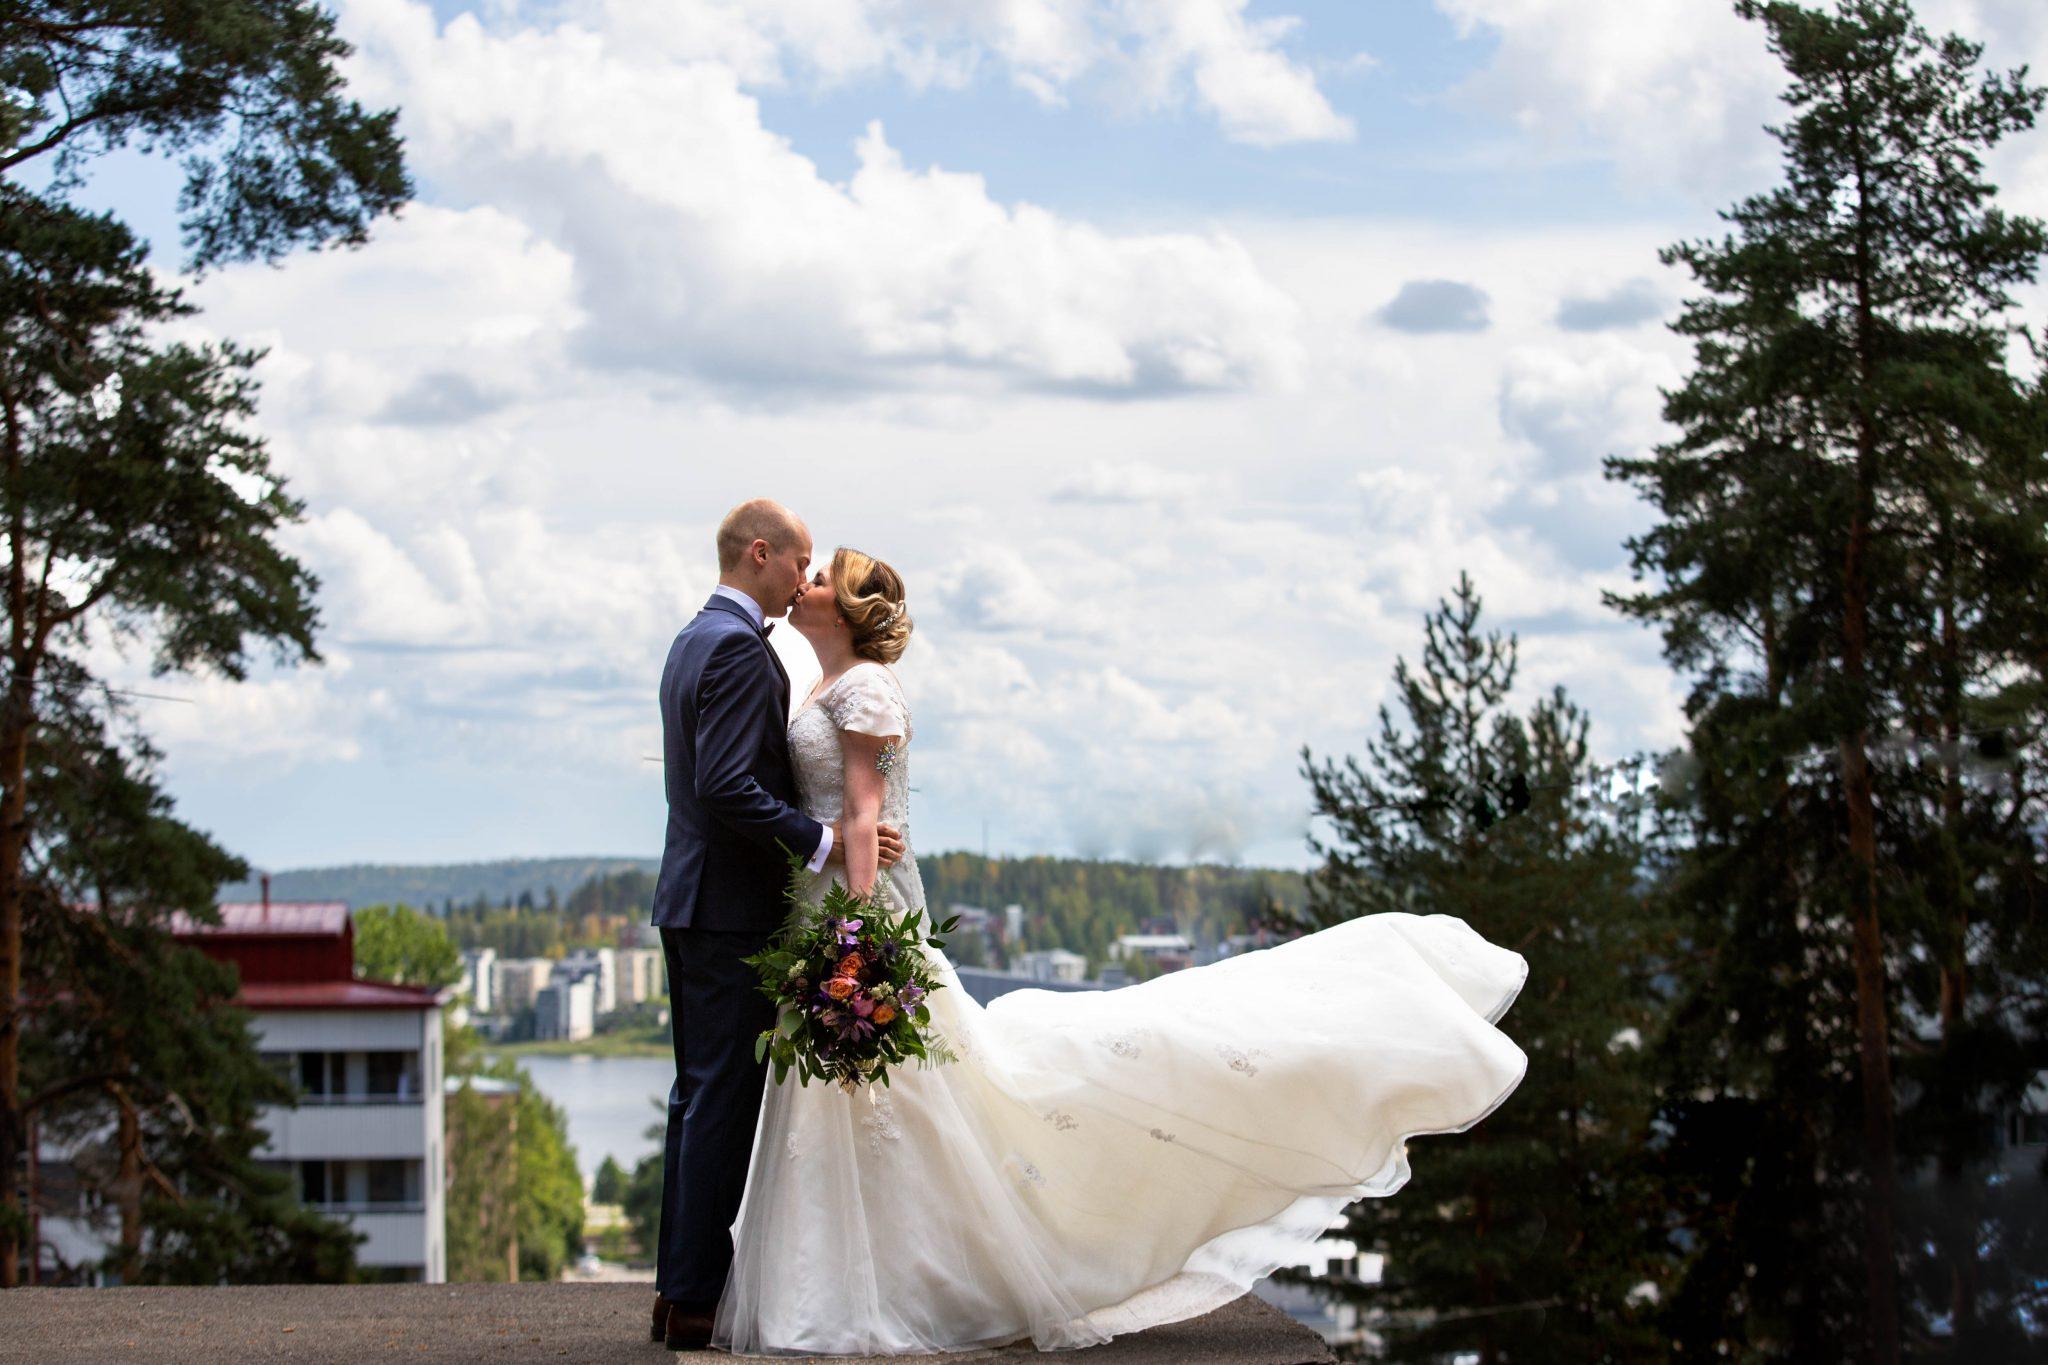 Haakuvaaja-jyvaskyla-keski-suomi